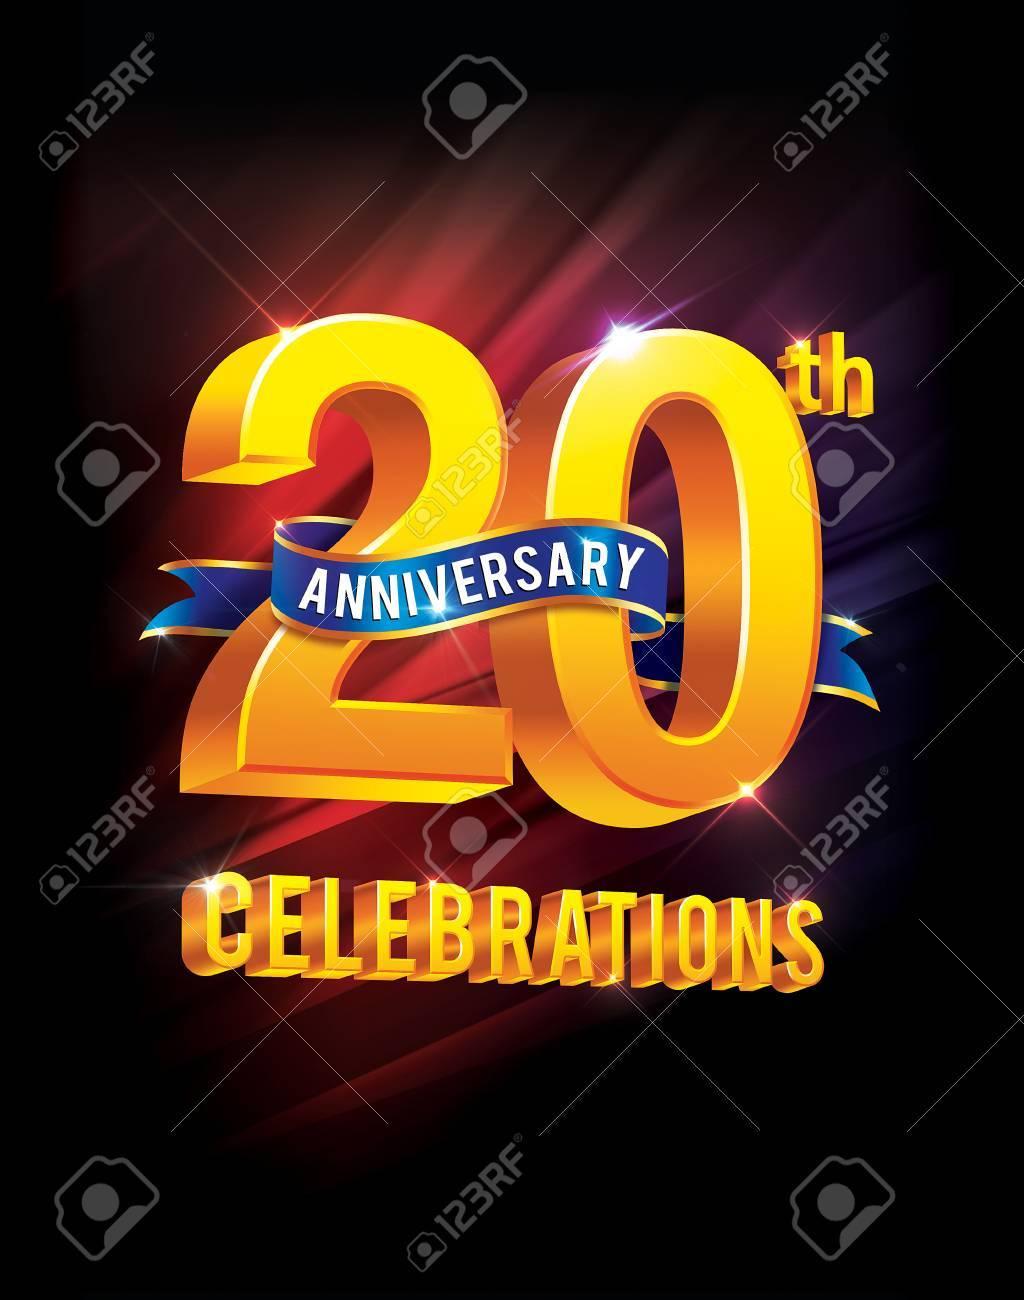 20 Jahriges Jubilaum Feiern Lizenzfreie Fotos Bilder Und Stock